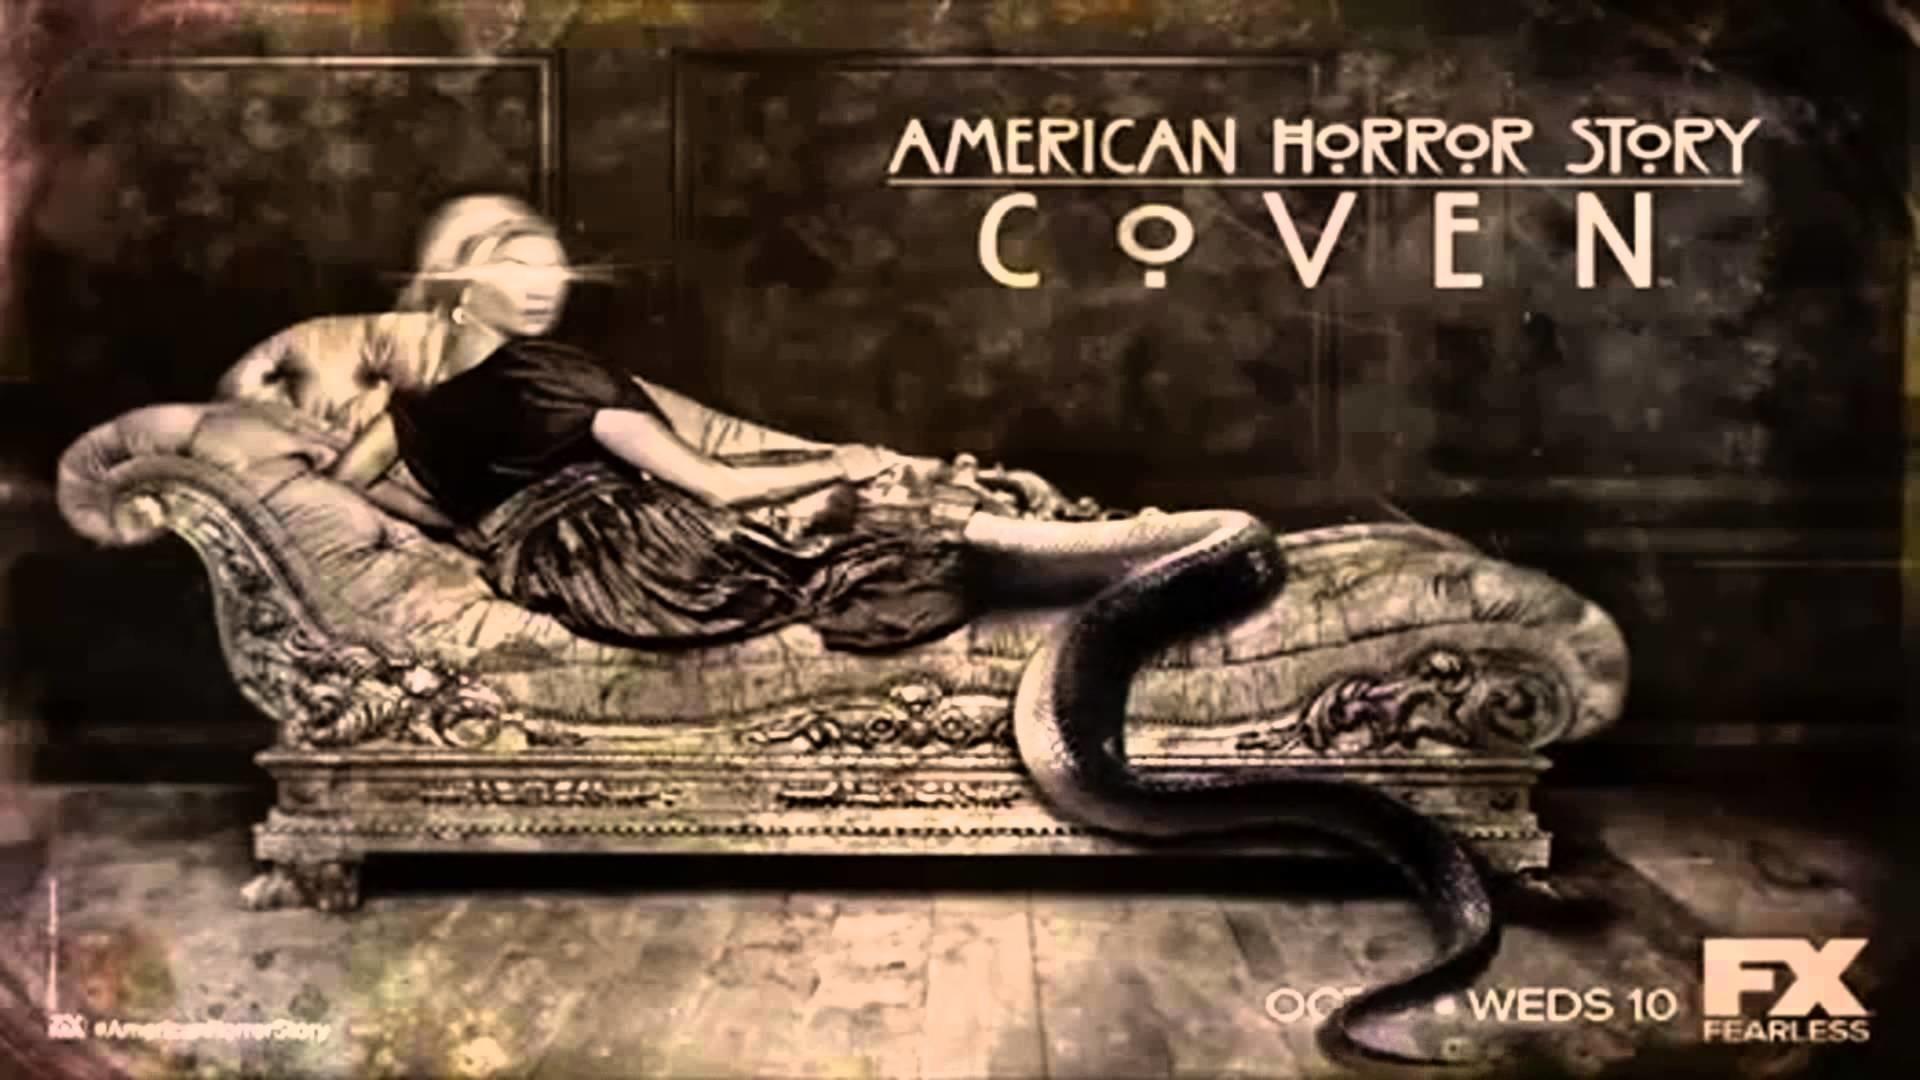 American Horror Story: Coven – Voodoo Queen Poster